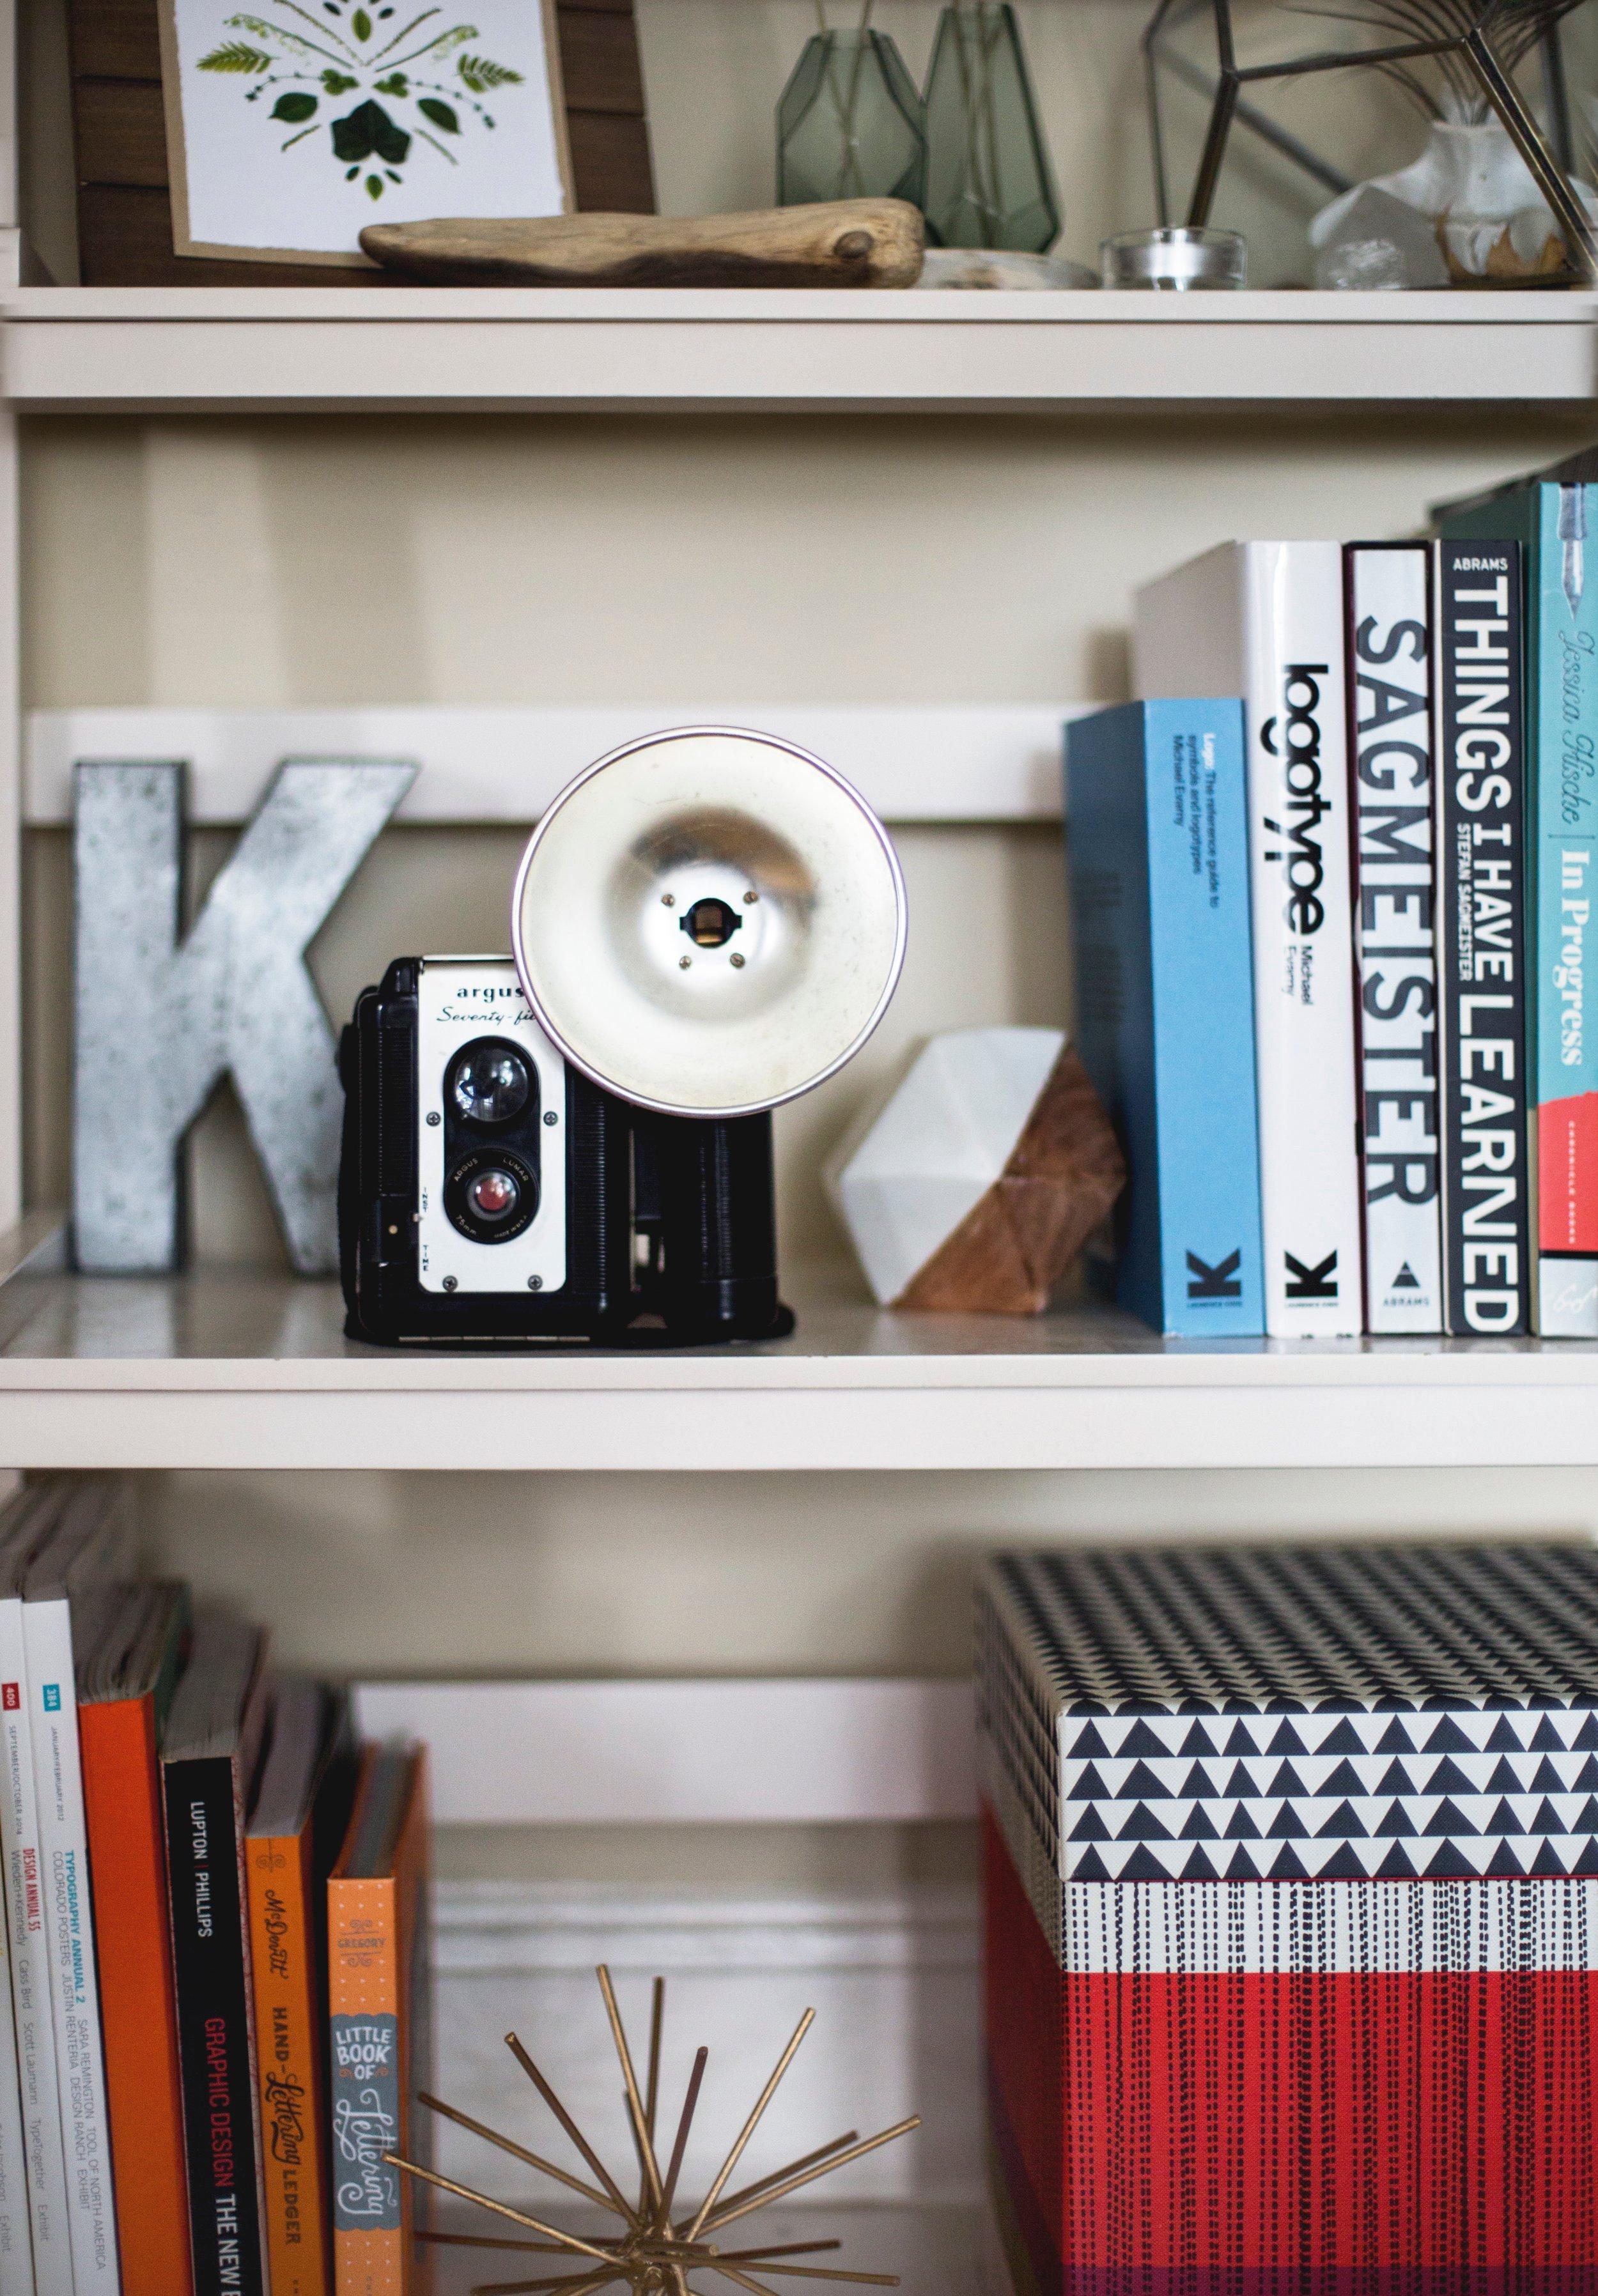 table-home-shelf-furniture-bookcase-shelving-1411395-pxhere.com (1).jpg